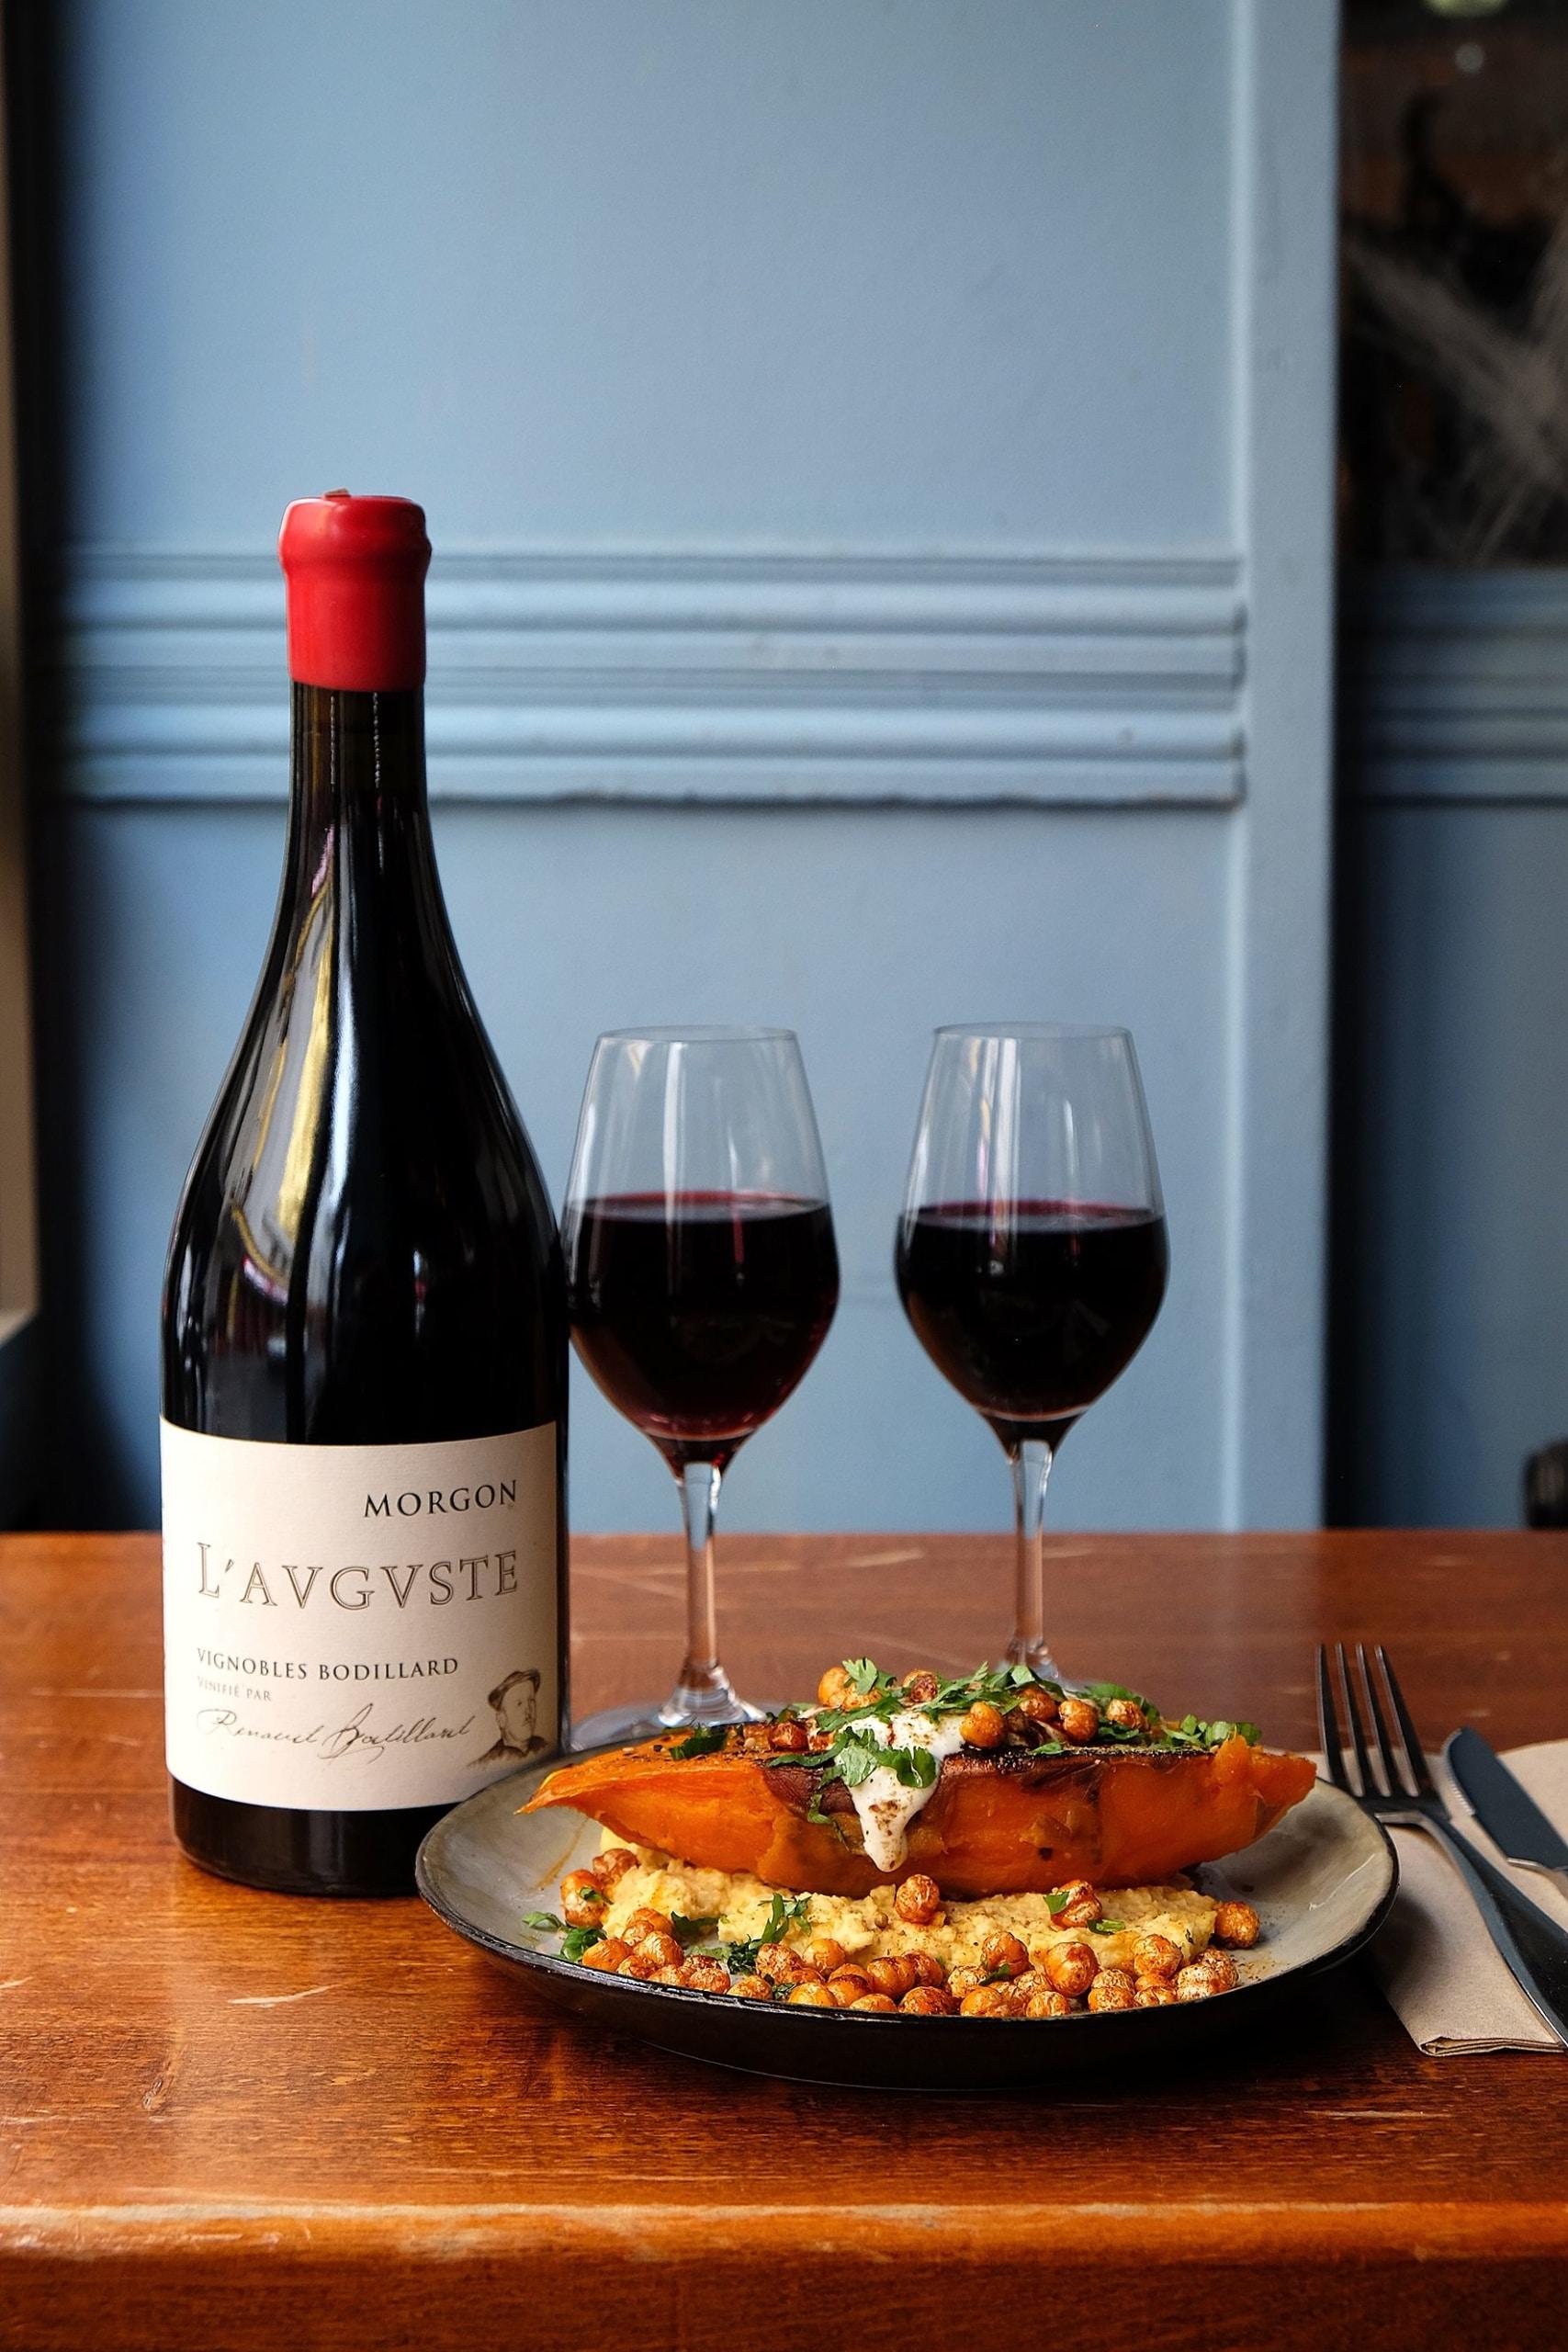 Patate douce aux épices accompagnée d'un Morgon des Vignobles Bodillard.